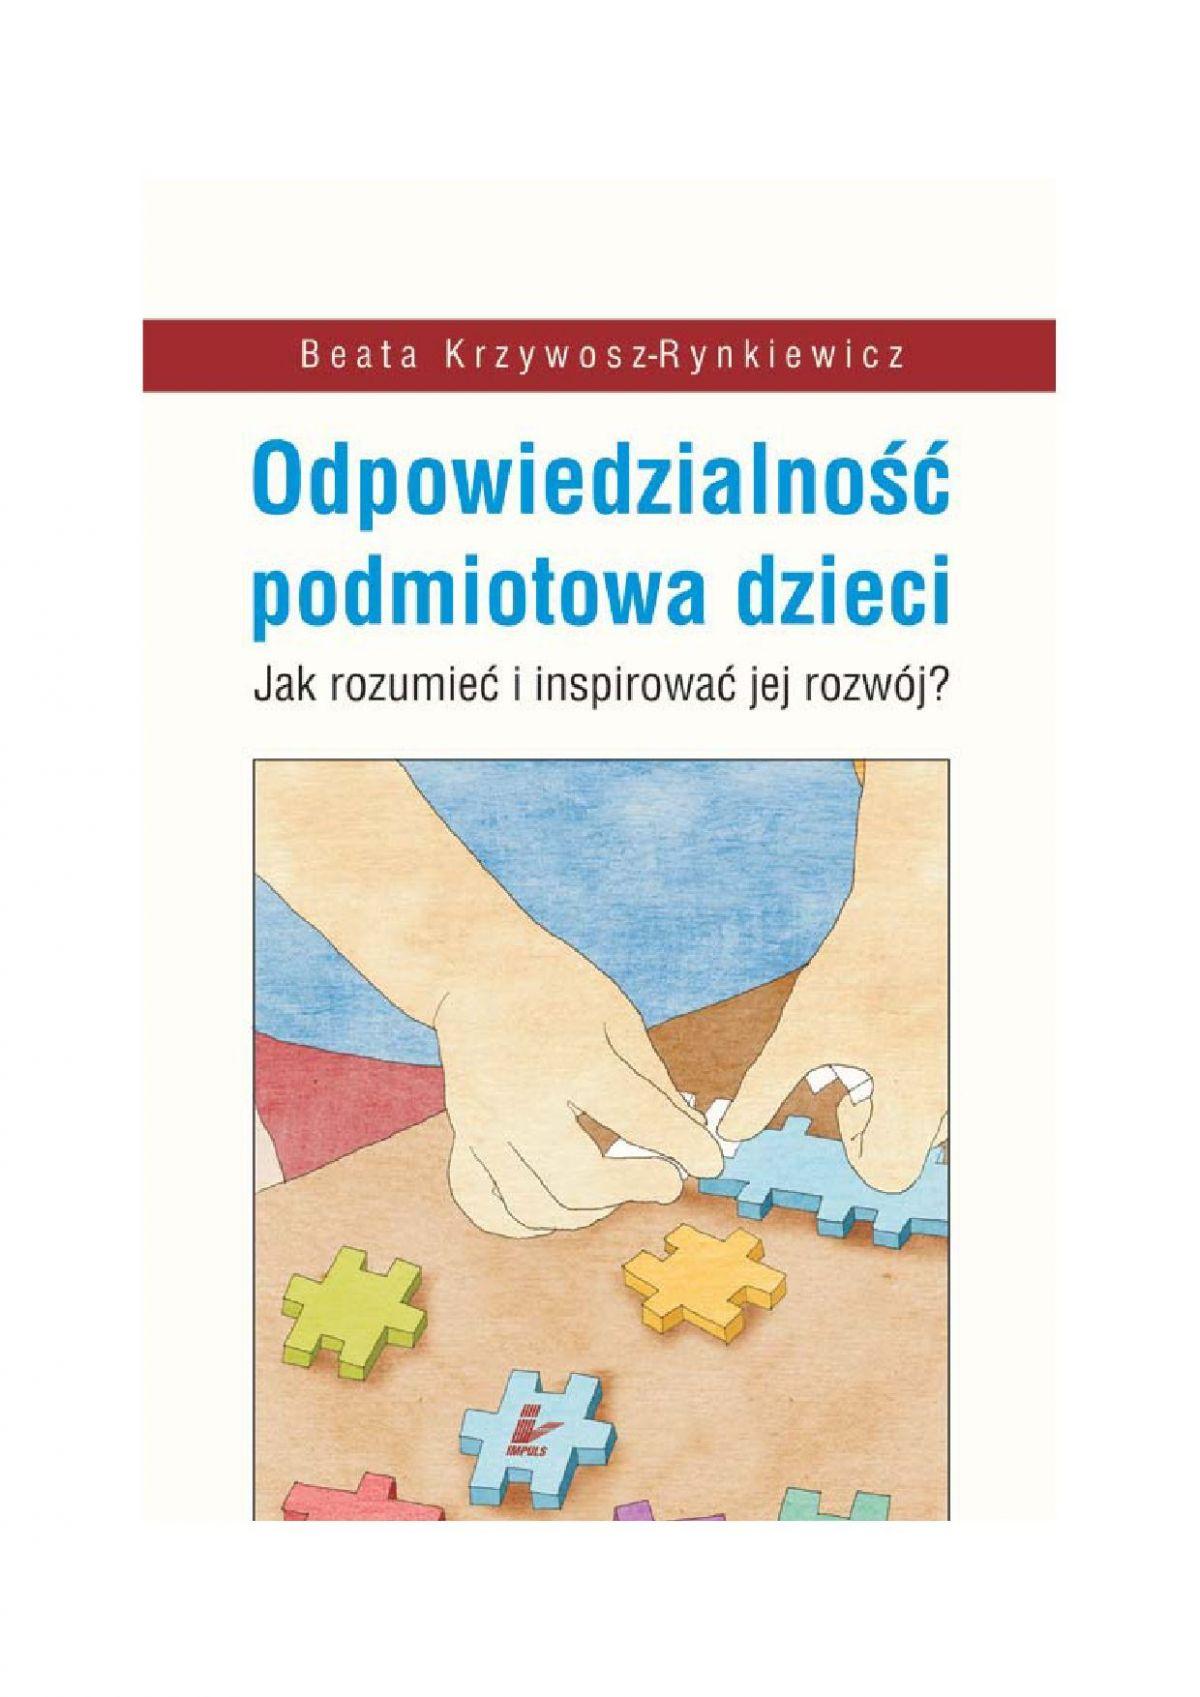 Odpowiedzialność podmiotowa dzieci - Ebook (Książka PDF) do pobrania w formacie PDF